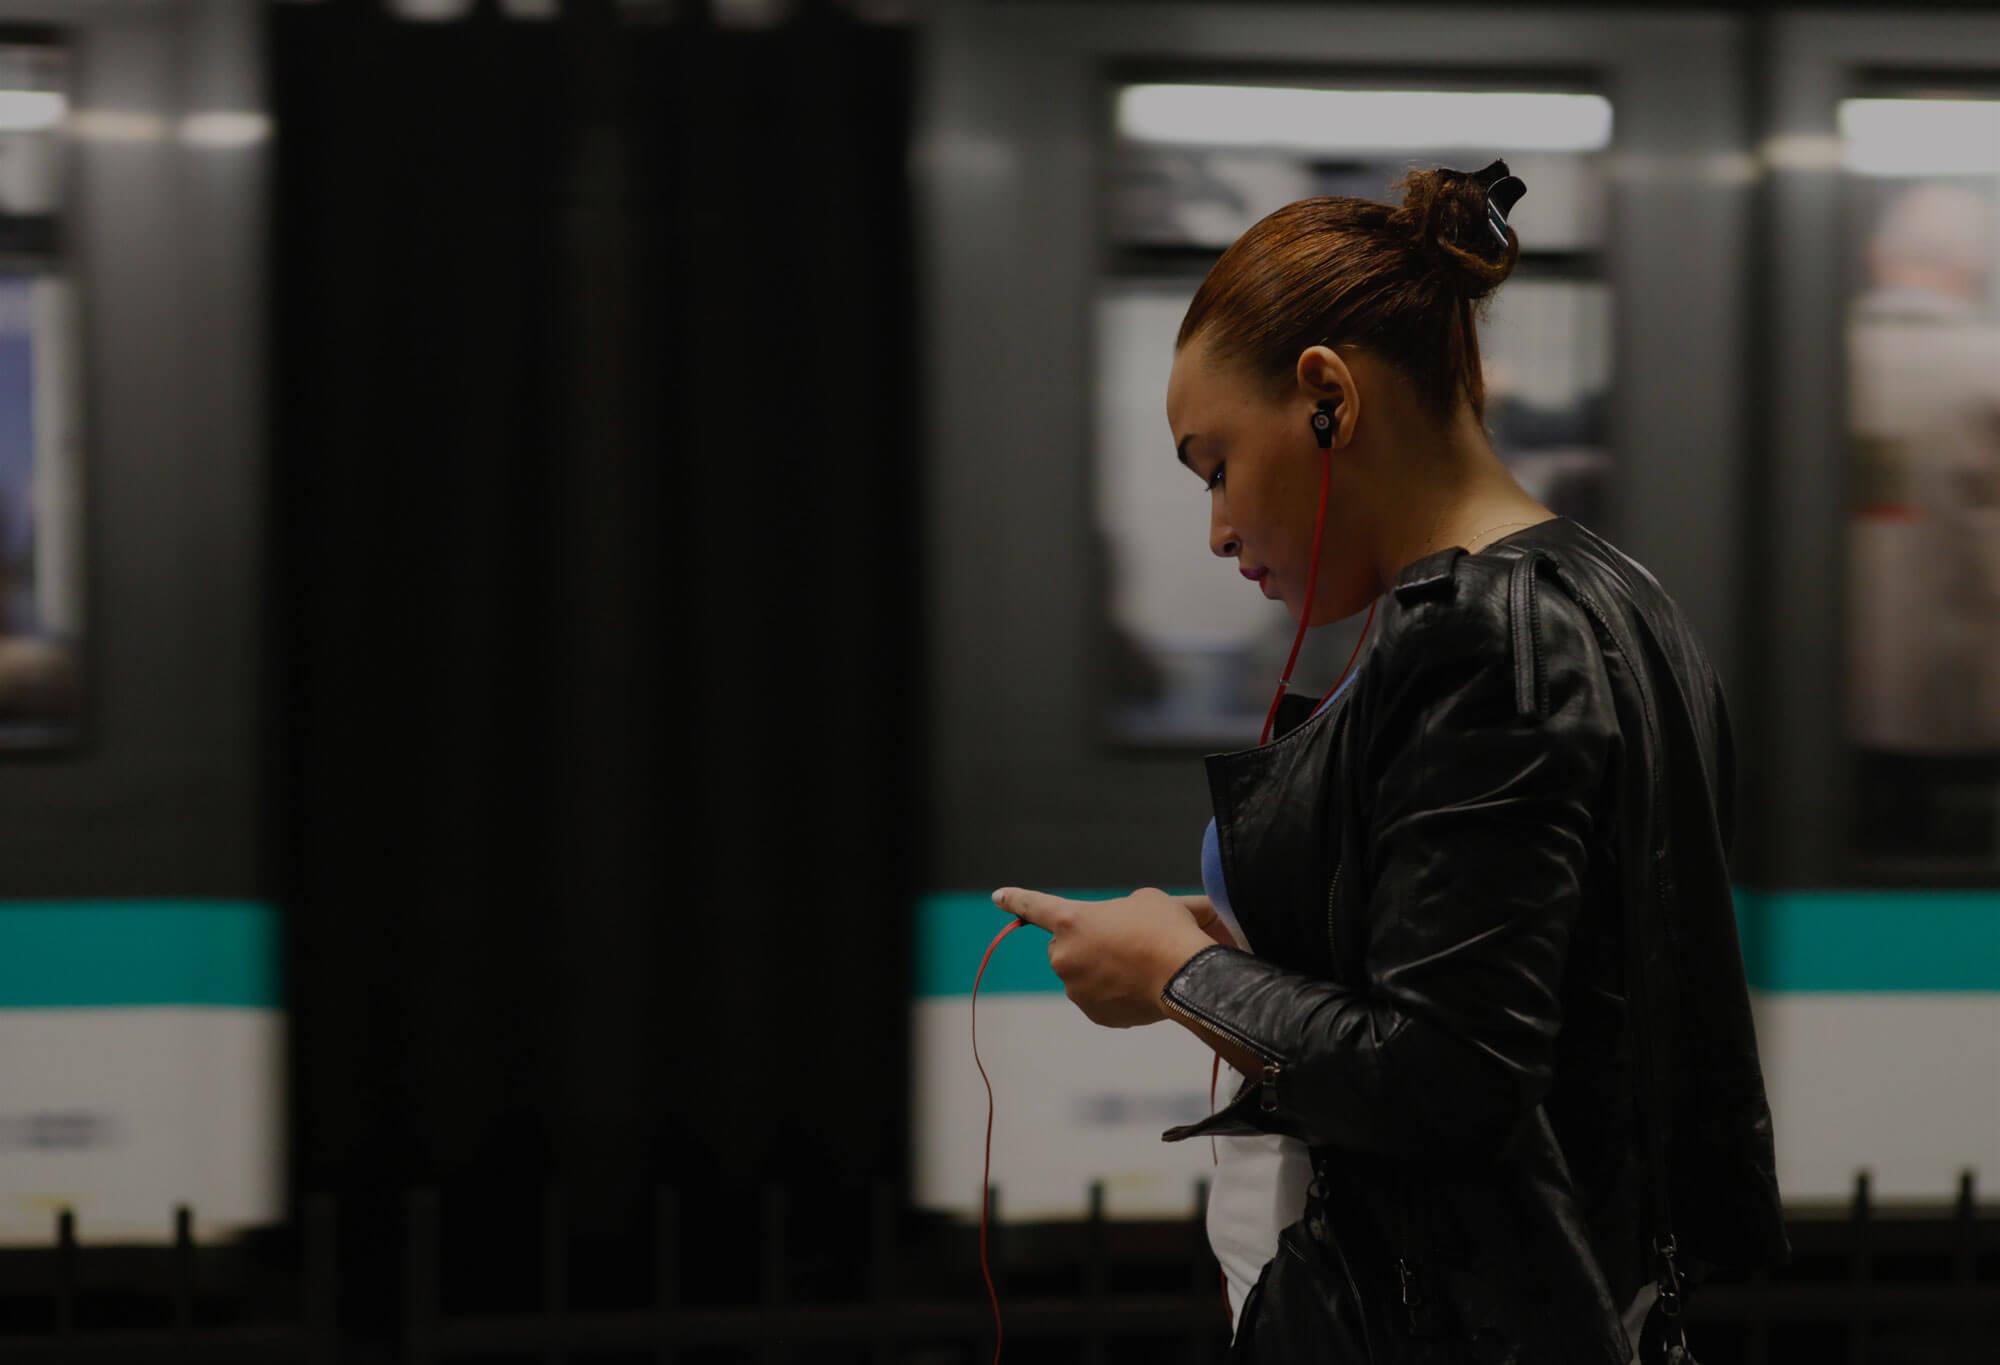 Pole emploi - offre emploi Conseiller client domaine pharma (H/F) - La Garenne-Colombes